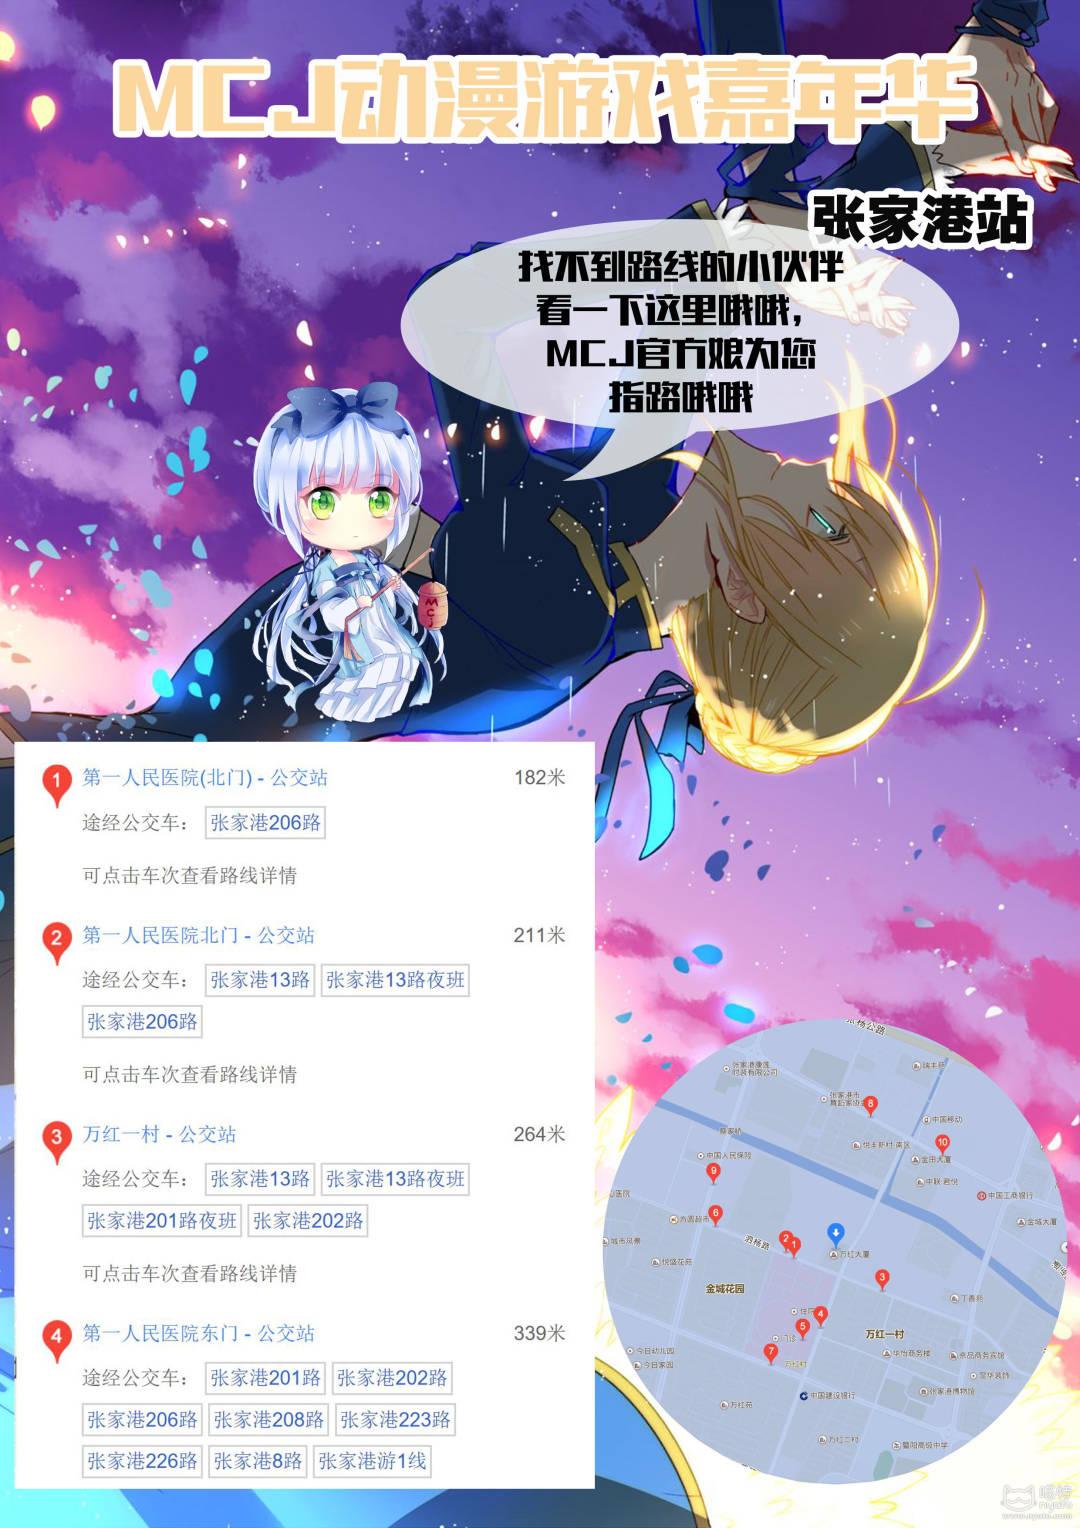 张家港漫展路线图_看图王.jpg